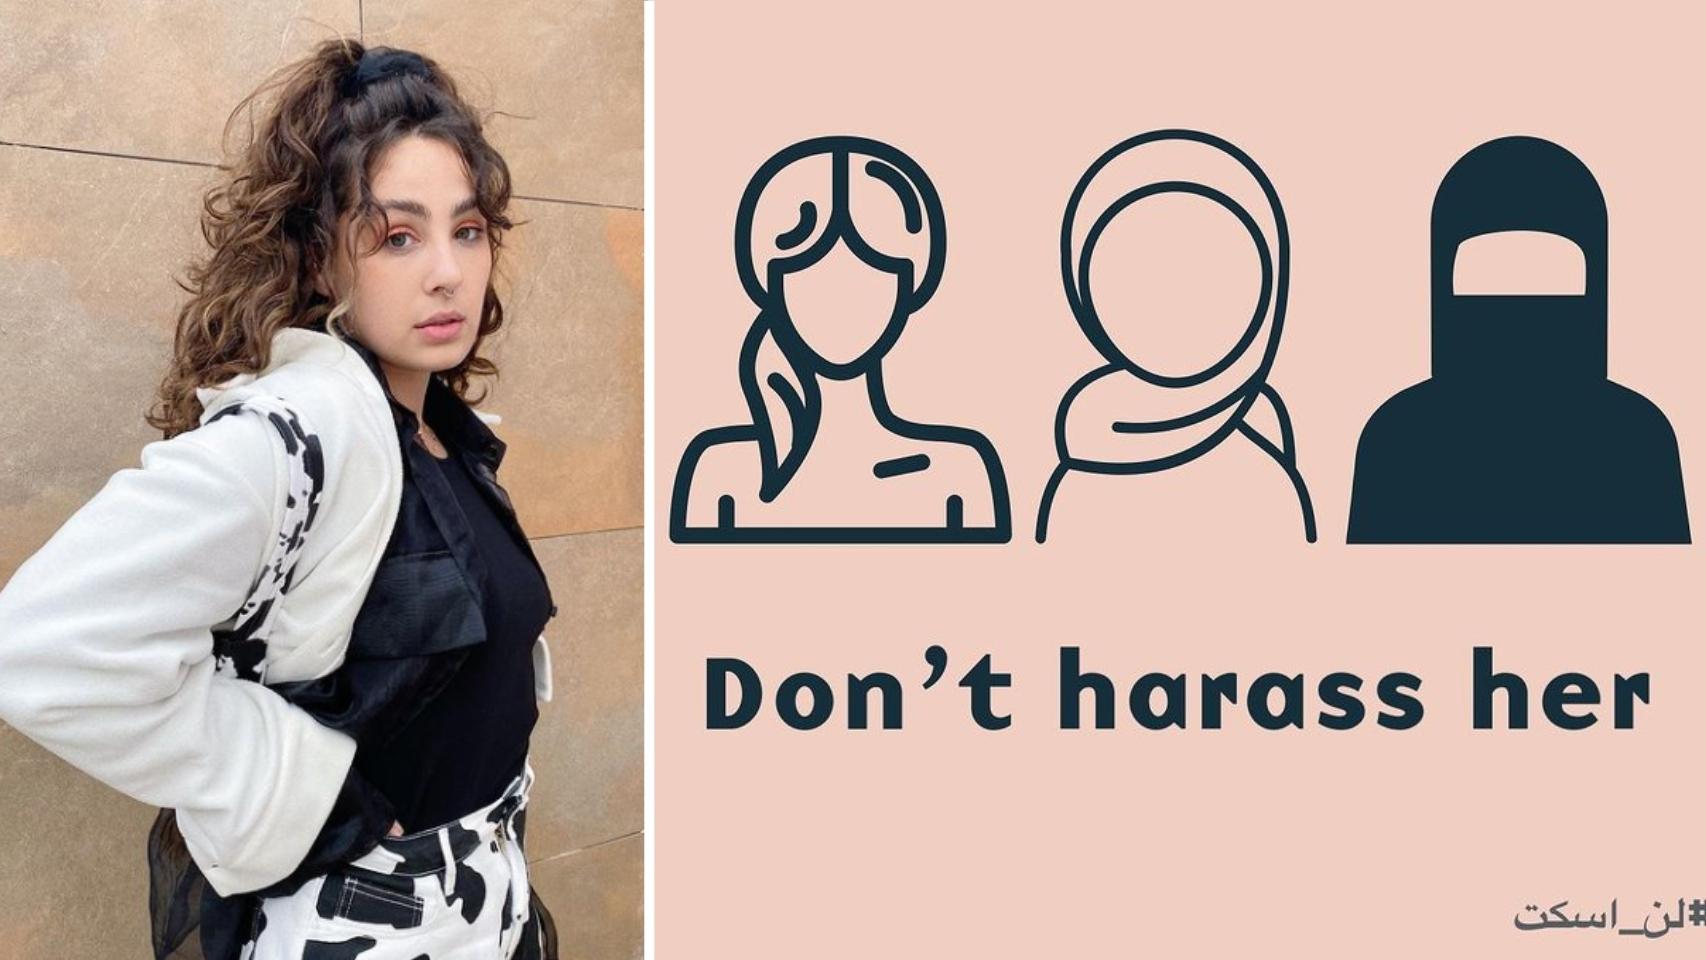 Ascia al Faraj, la mujer que ha desencadenado el movimiento en Kuwait, y un dibujo viral que dice: No la acoses.